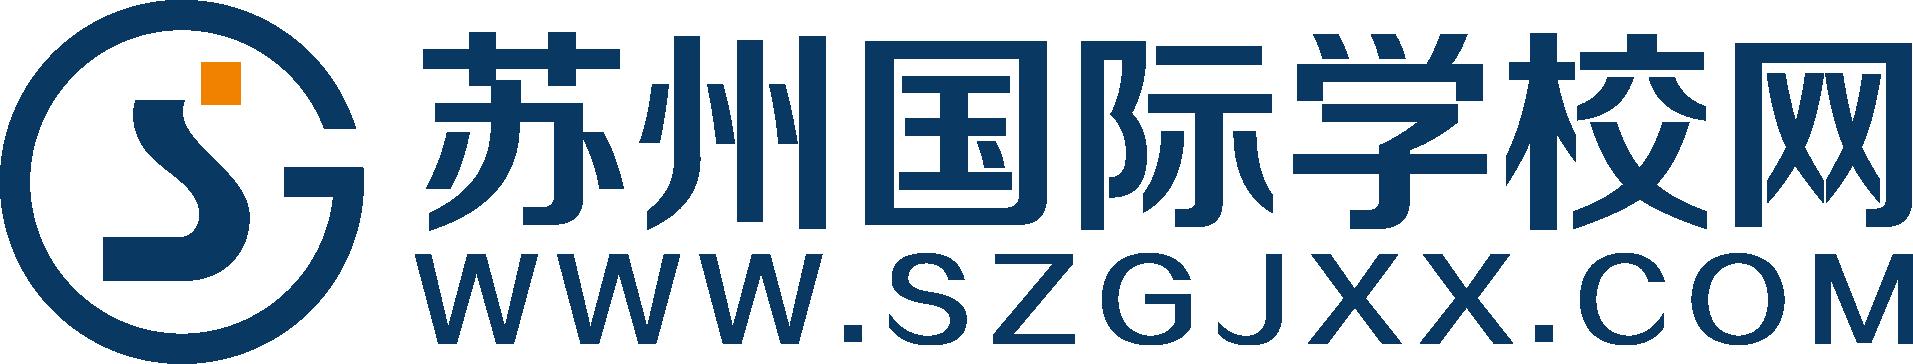 苏州国际学校网